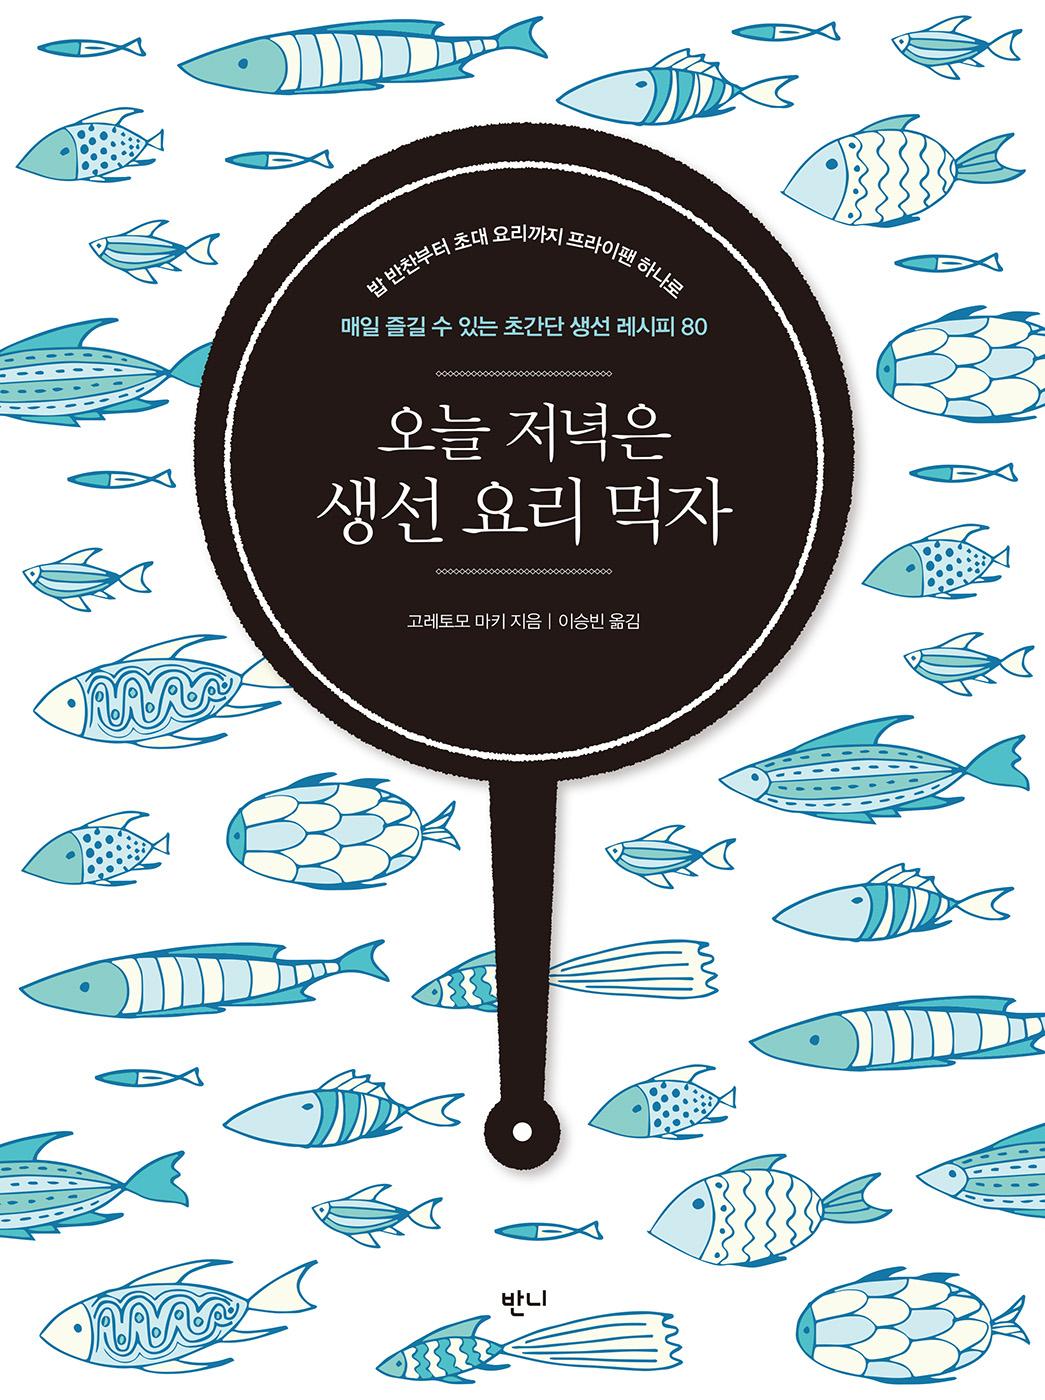 (밥 반찬부터 초대 요리까지 프라이팬 하나로) 오늘 저녁은 생선 요리 먹자 : 매일 즐길 수 있는 초간단 생선 레시피 80